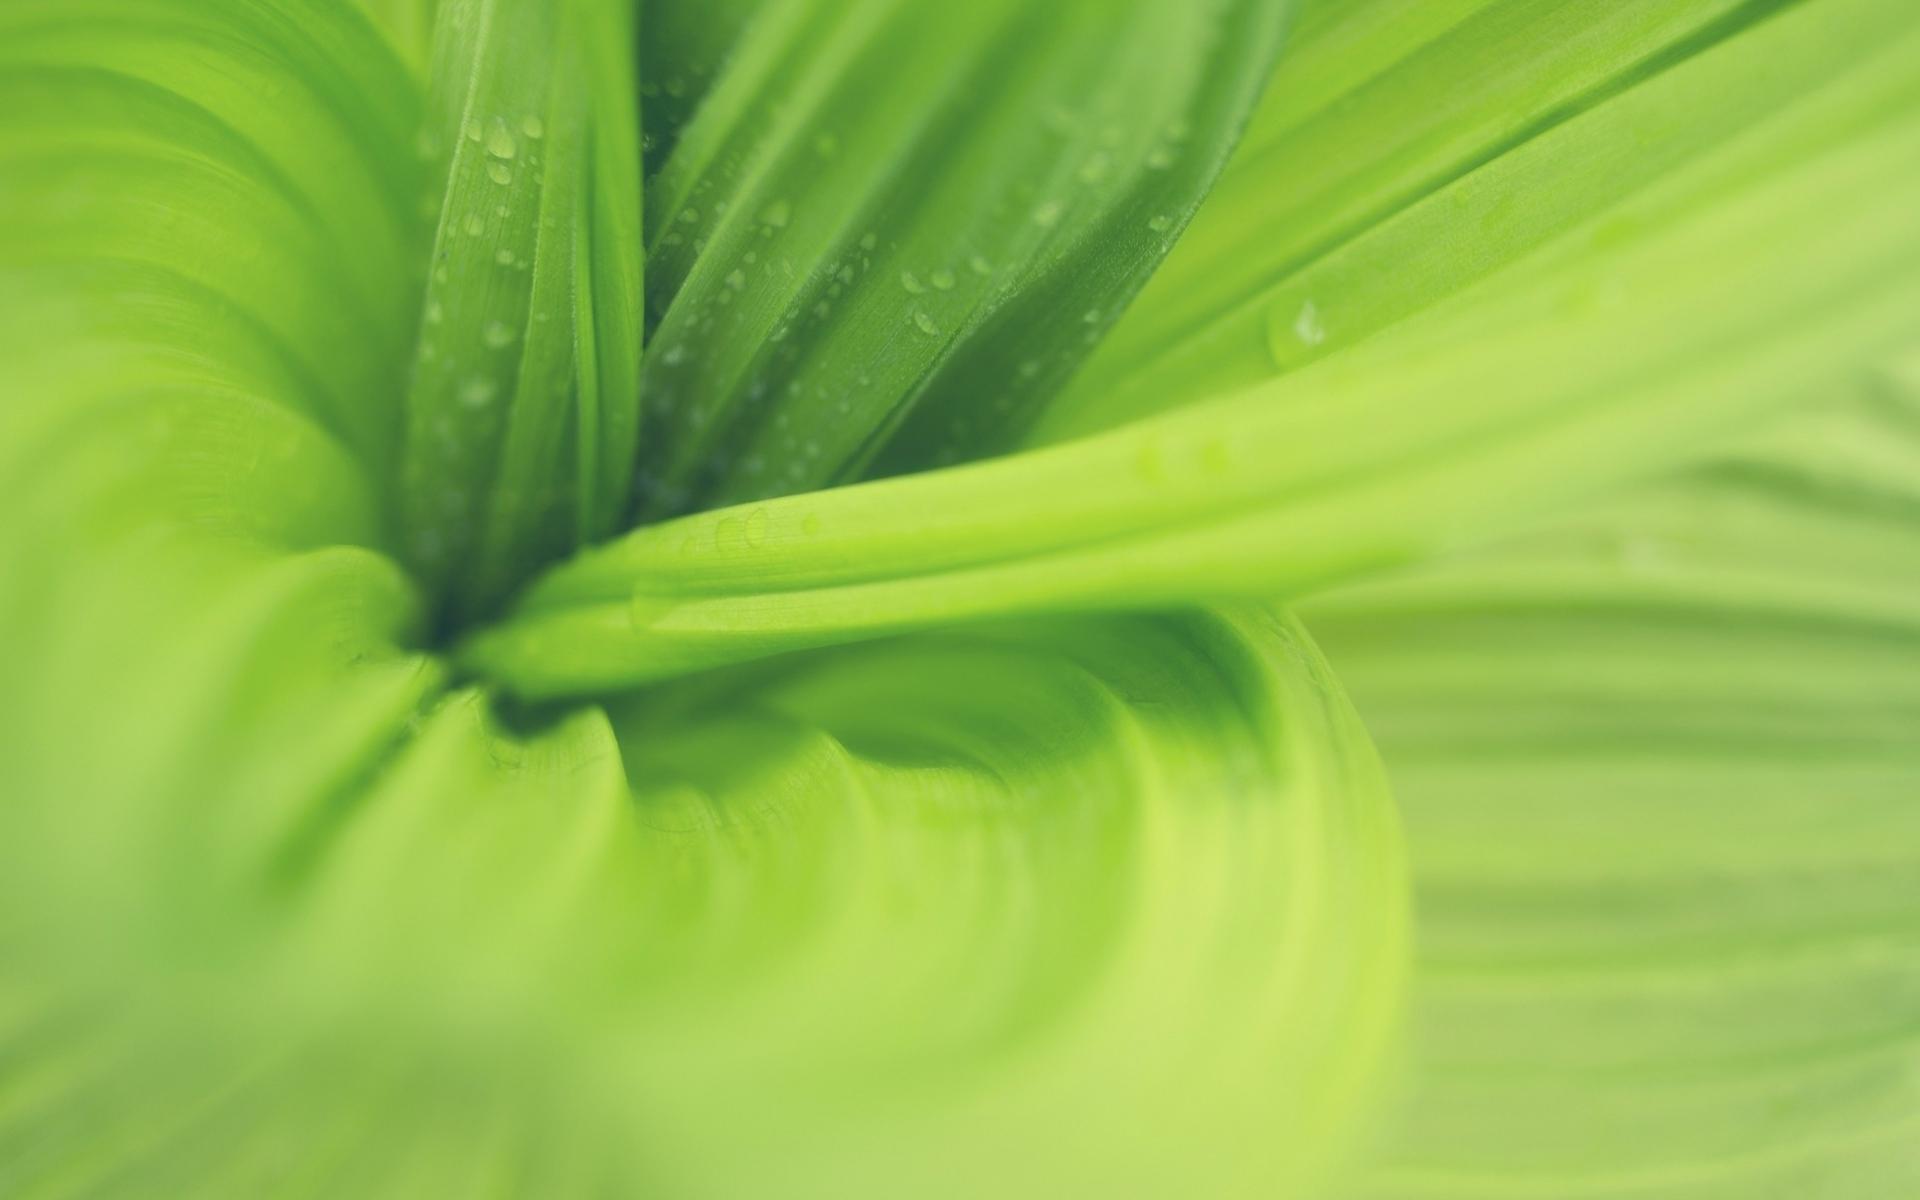 Картинки листья, макро, растение фото и обои на рабочий стол